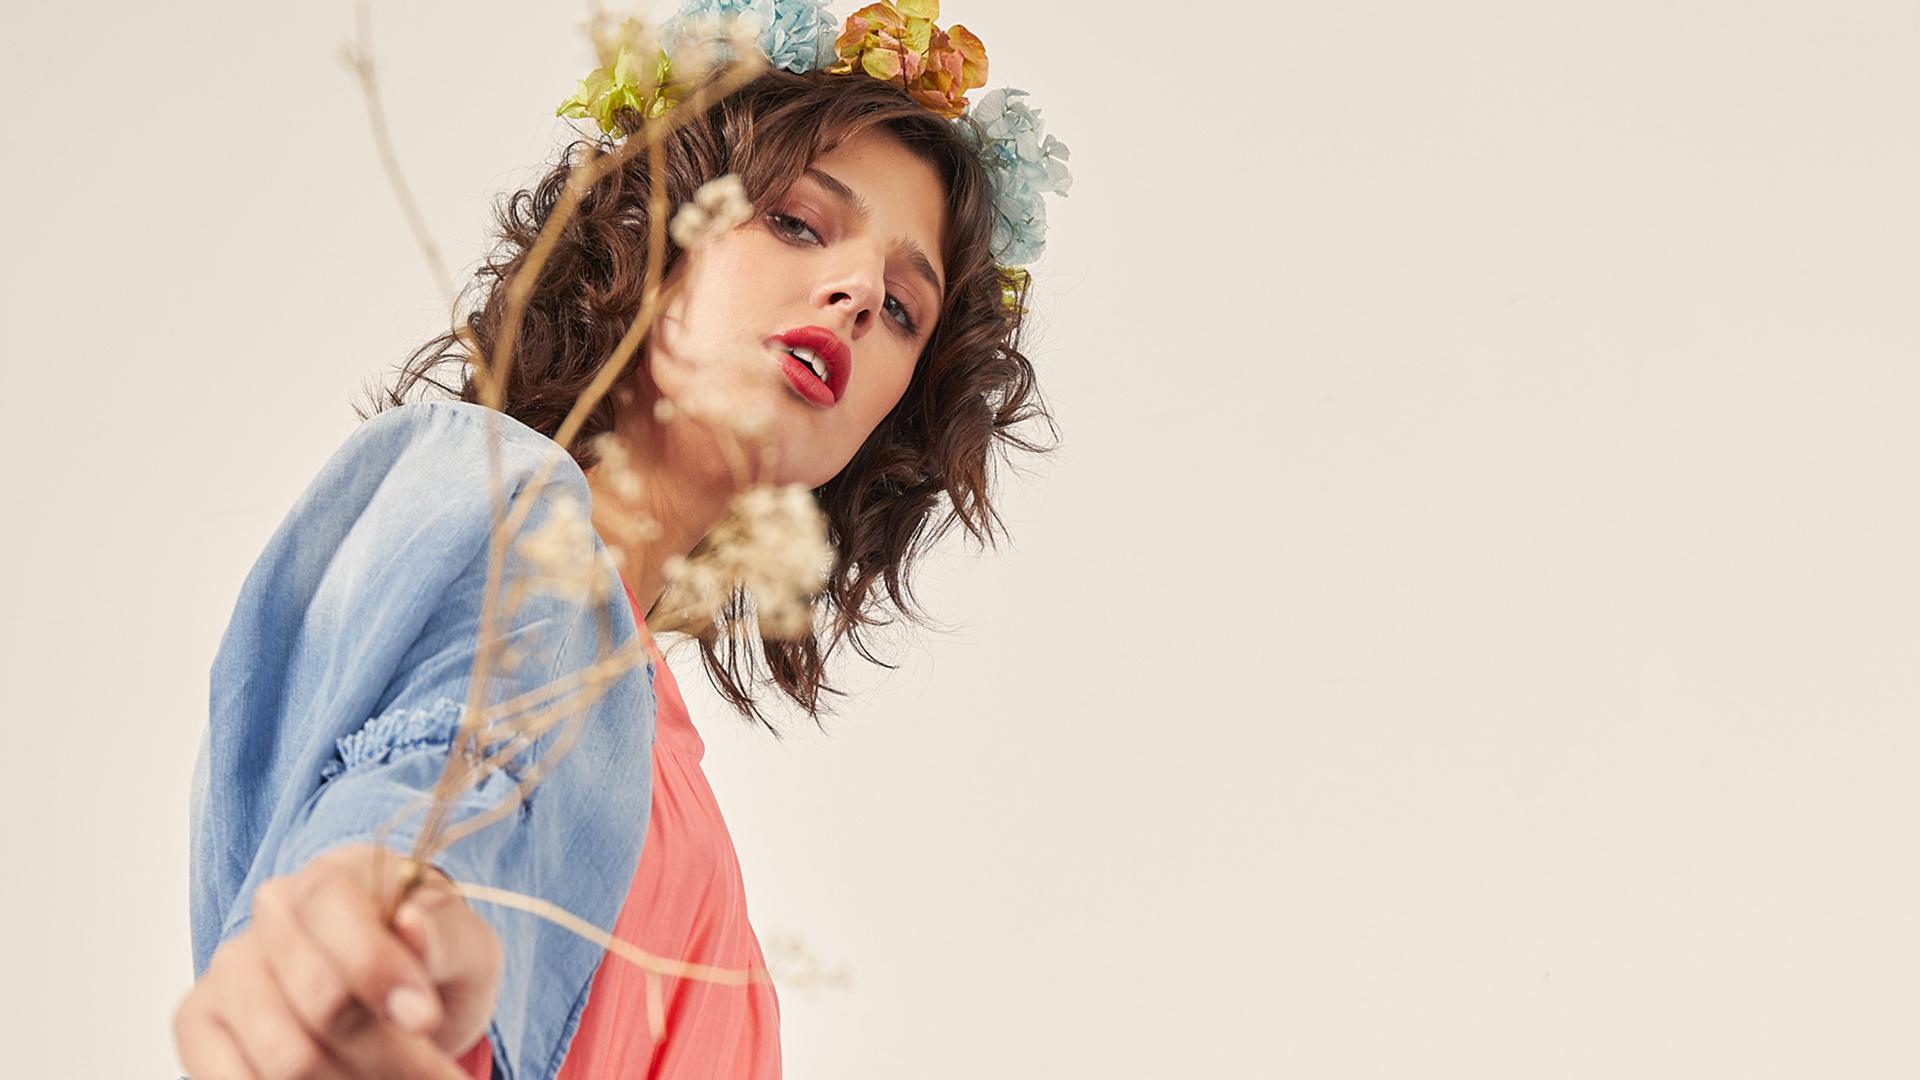 mujer con corona de flores paseando con trigo en la mano